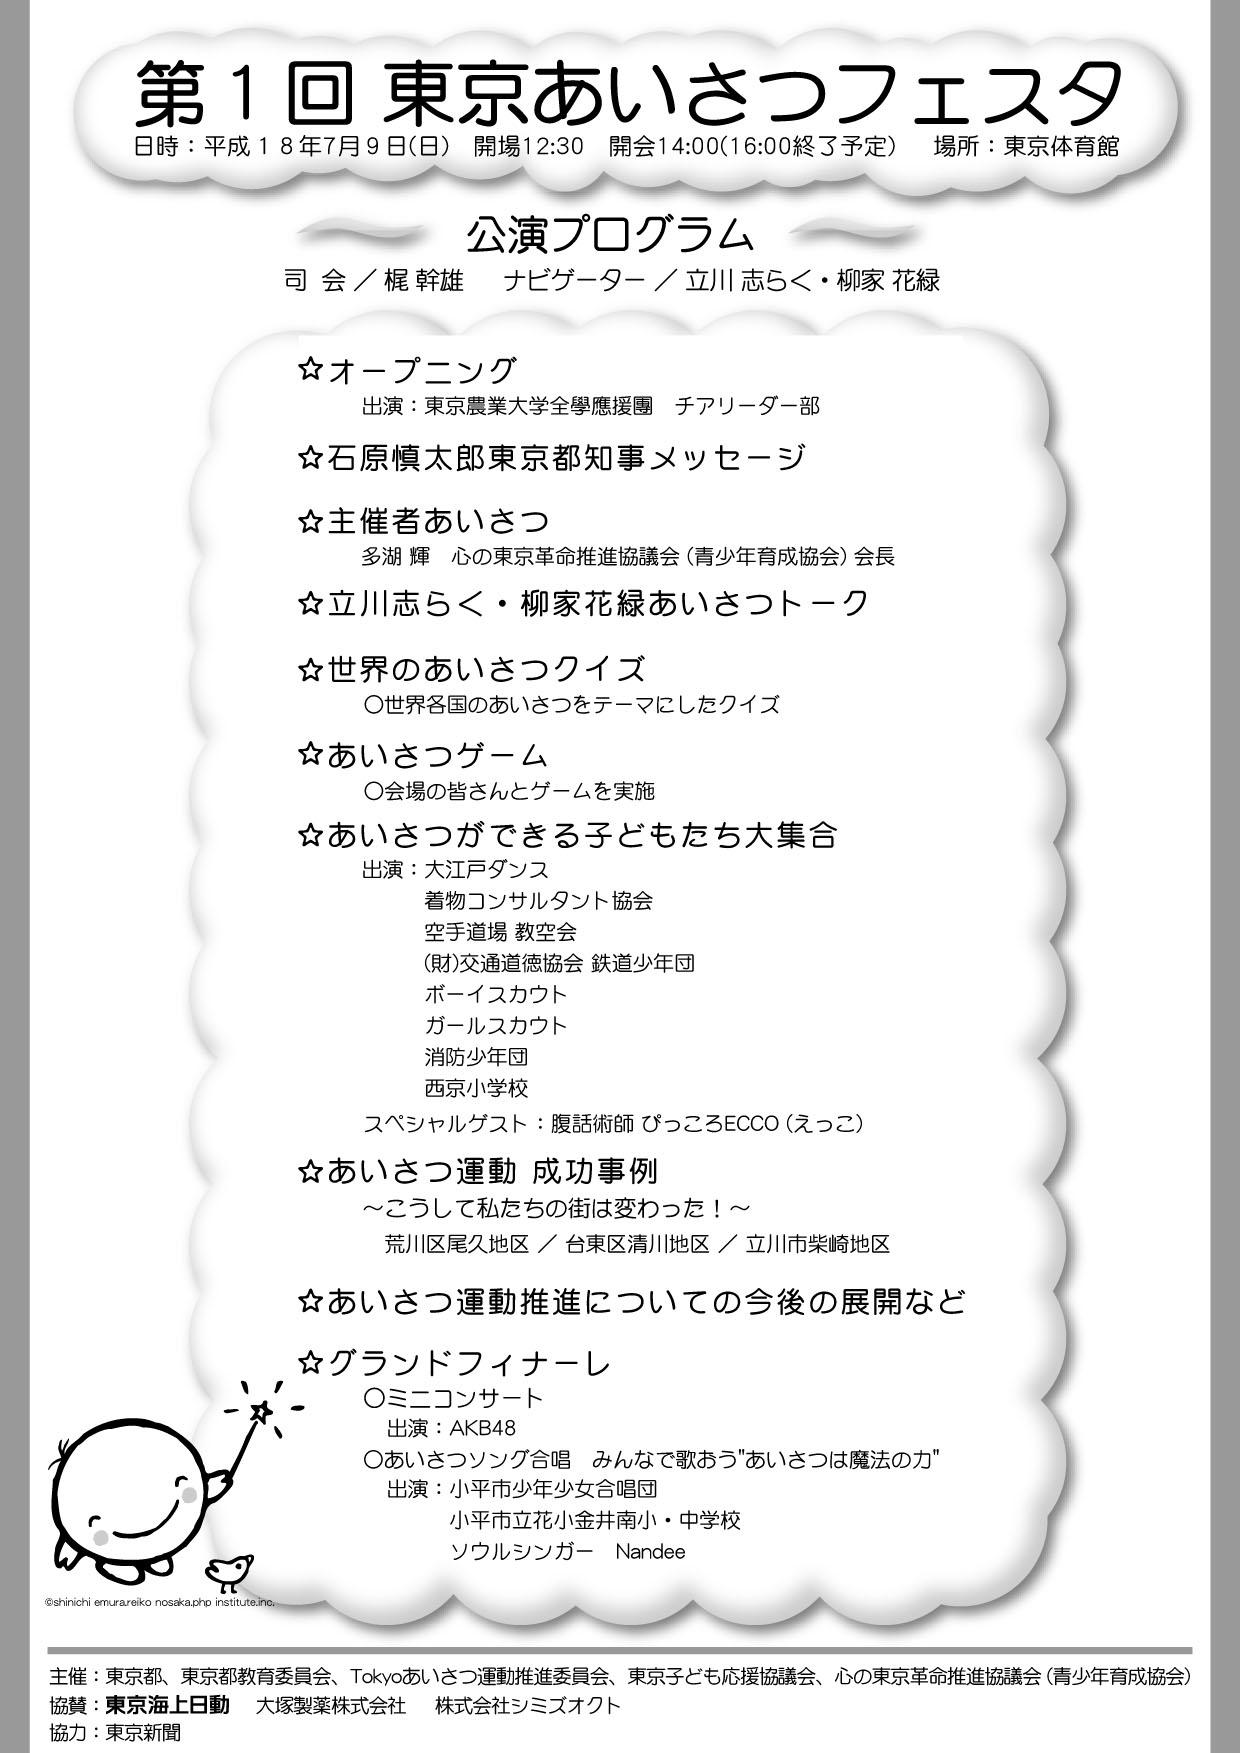 東京都あいさつフェスタのイベント_e0082852_11313513.jpg